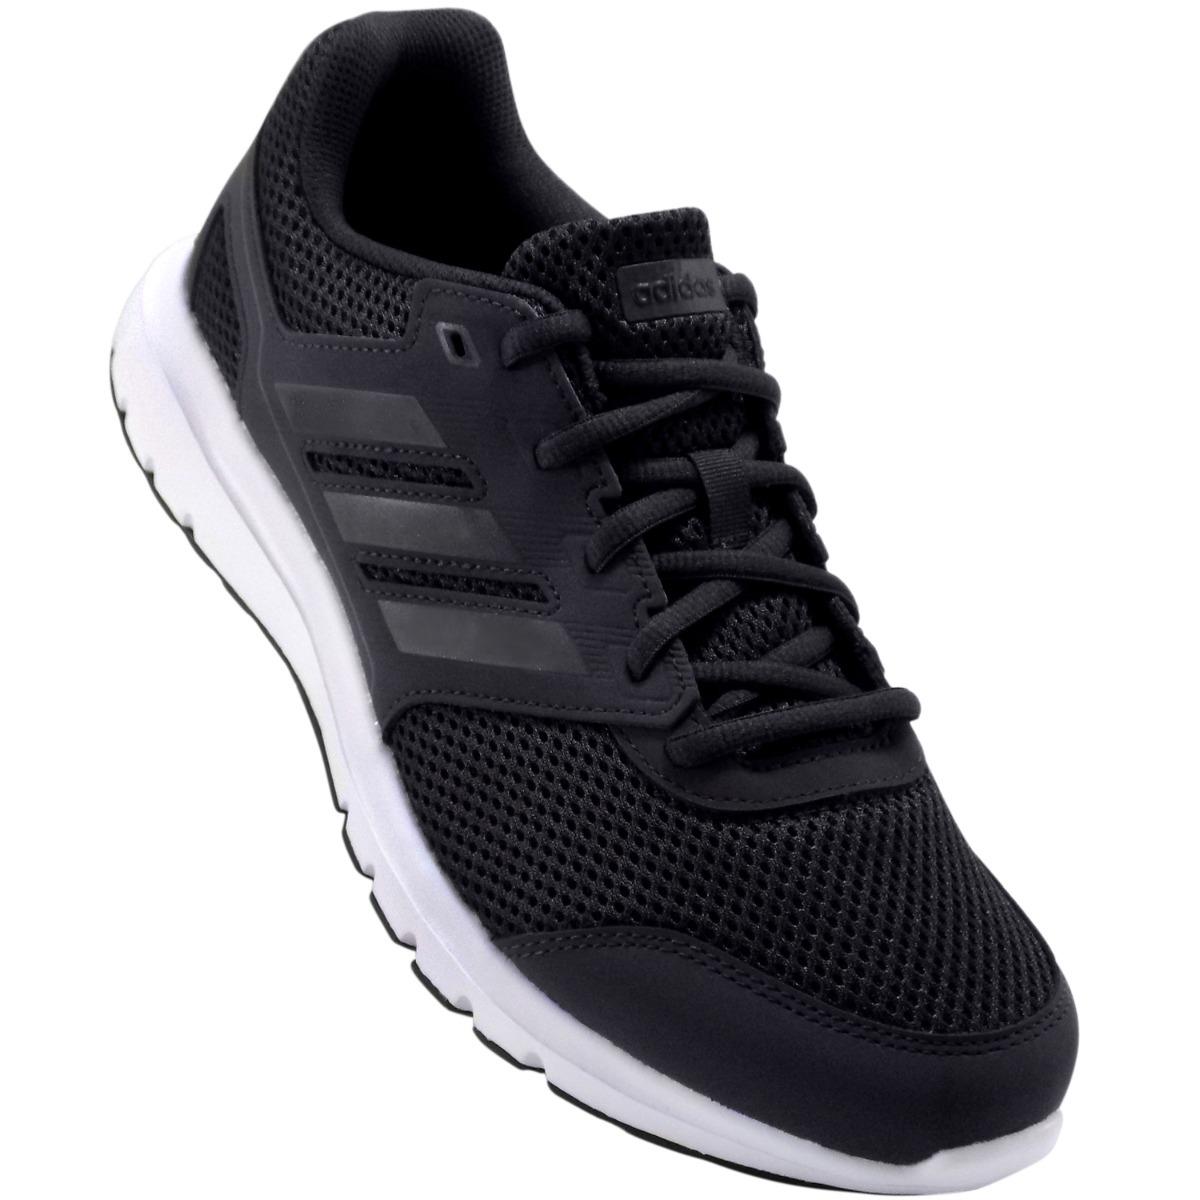 new styles 4c6e5 90cfc adidas duramo lite 2.0 para hombre gris running. Cargando zoom.